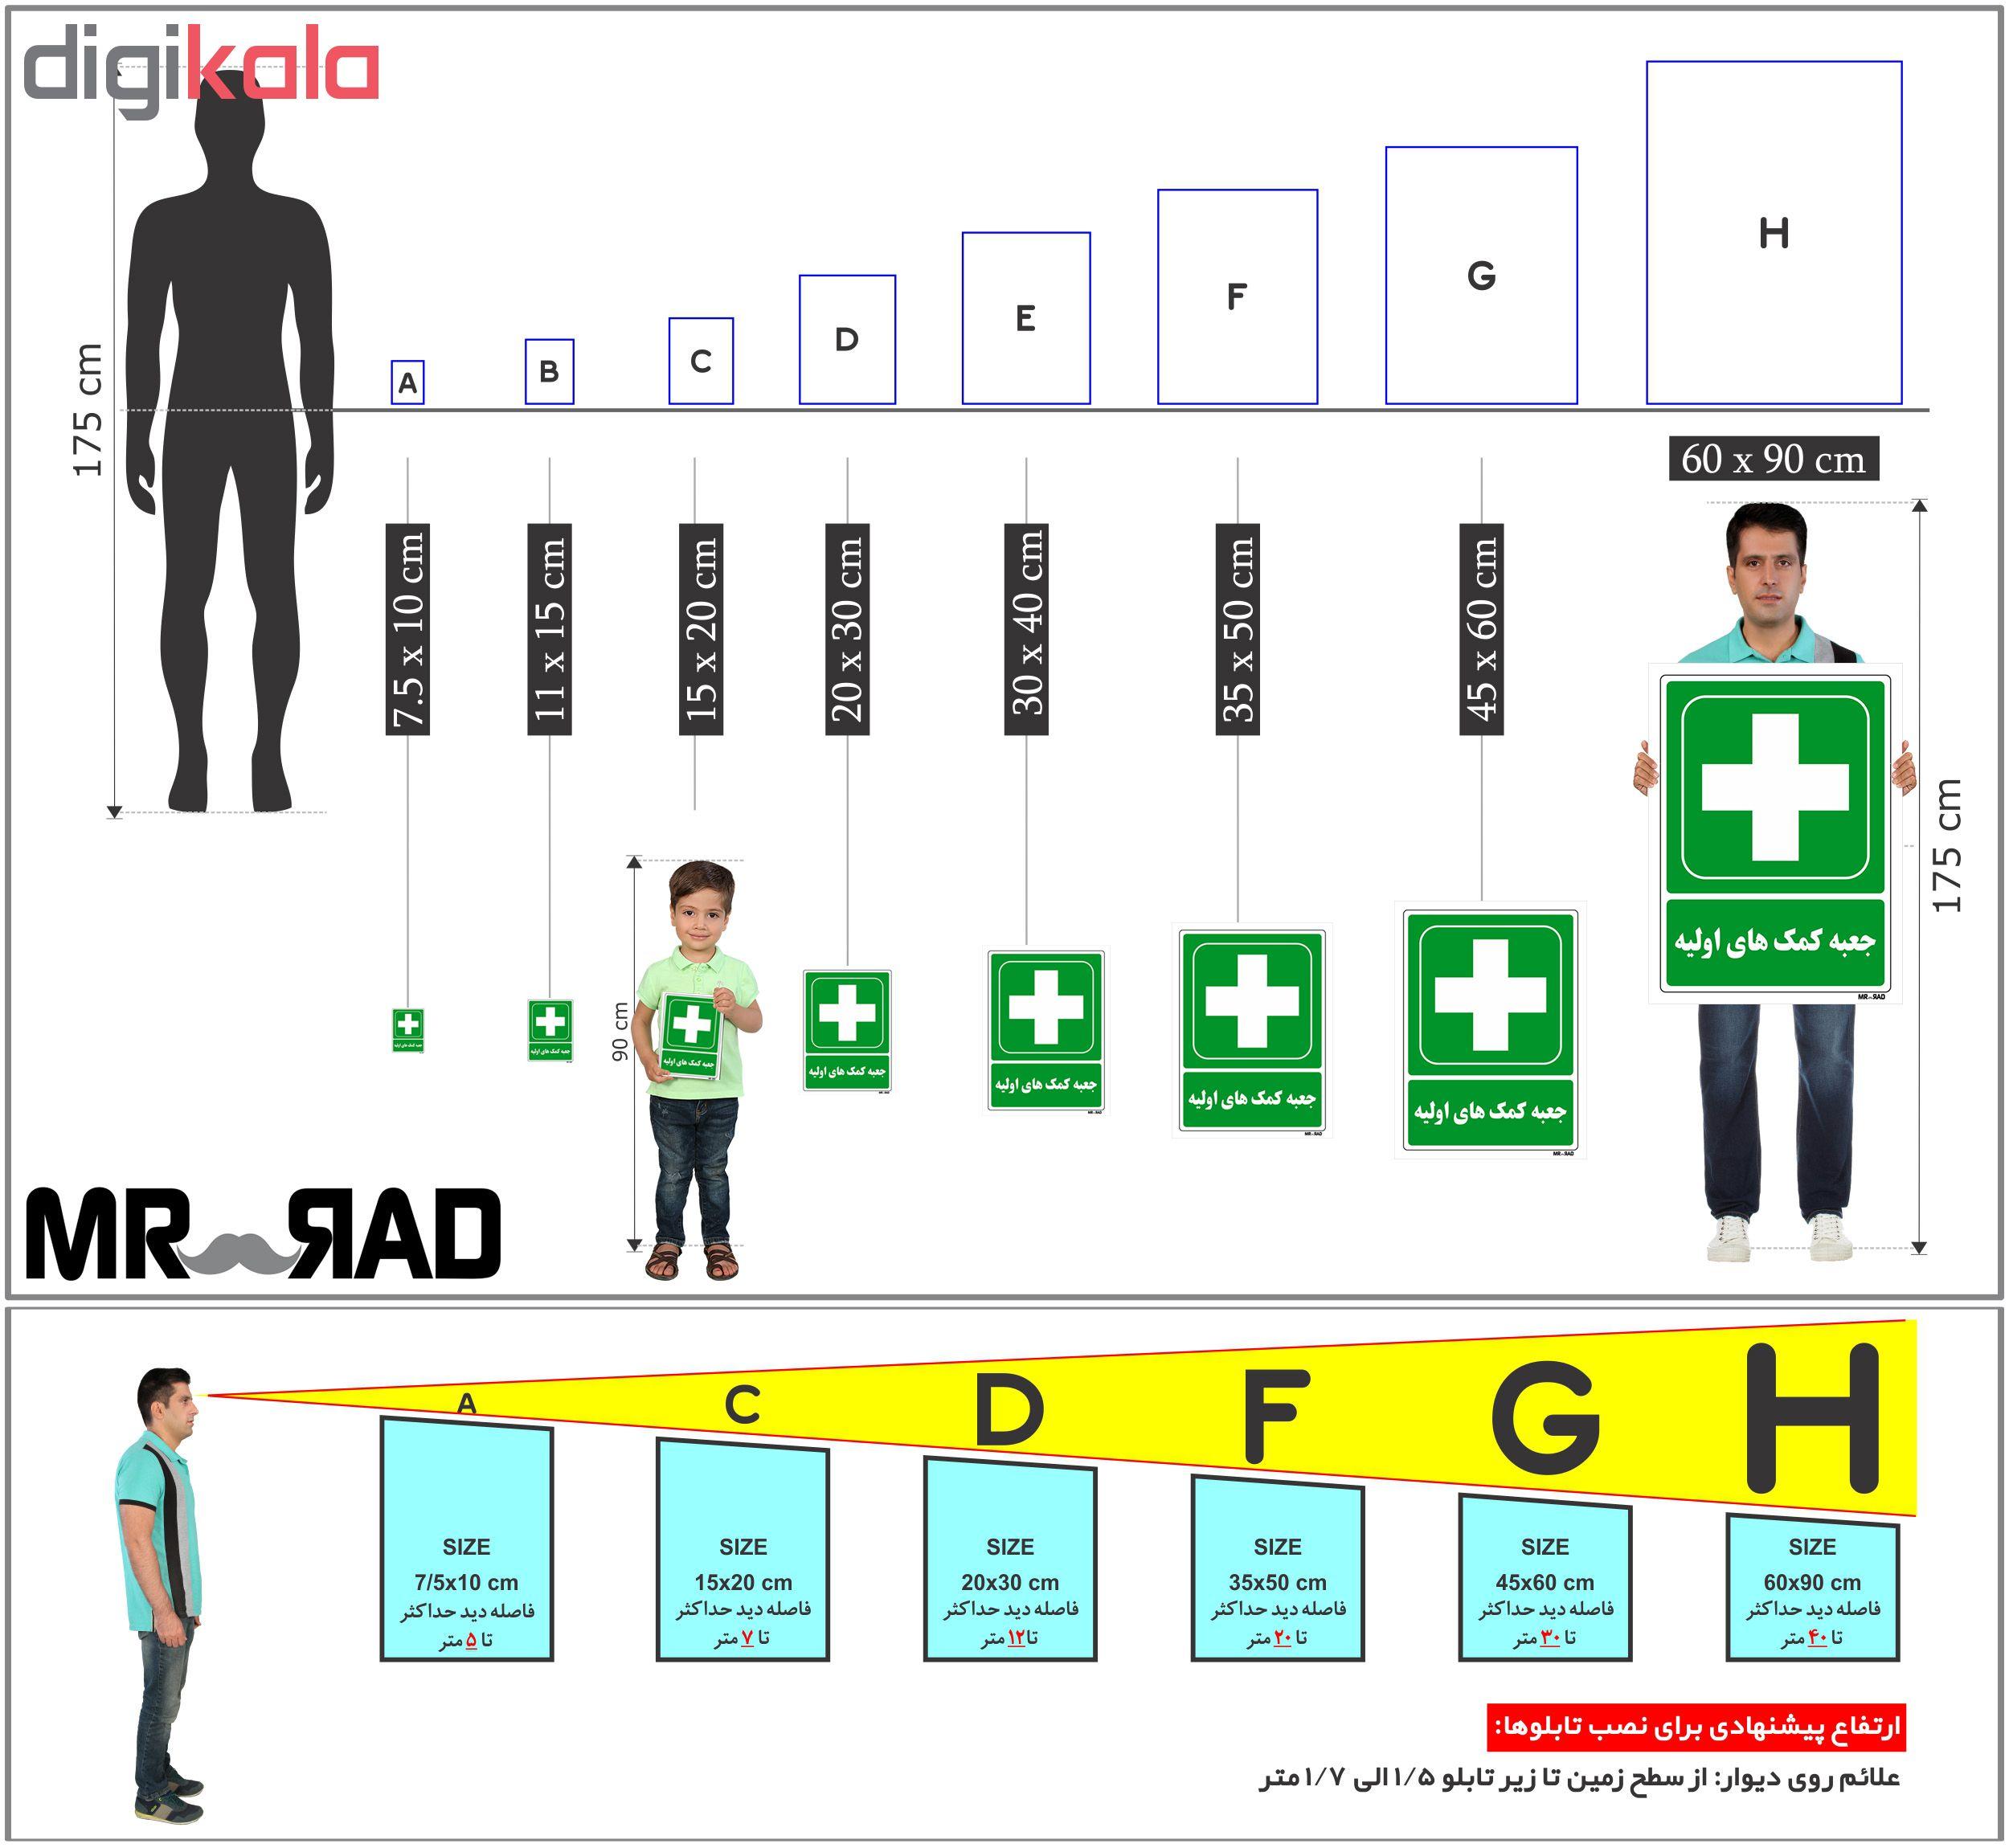 تابلو شرایط ایمن FG طرح جعبه کمک های اولیه کد THG178